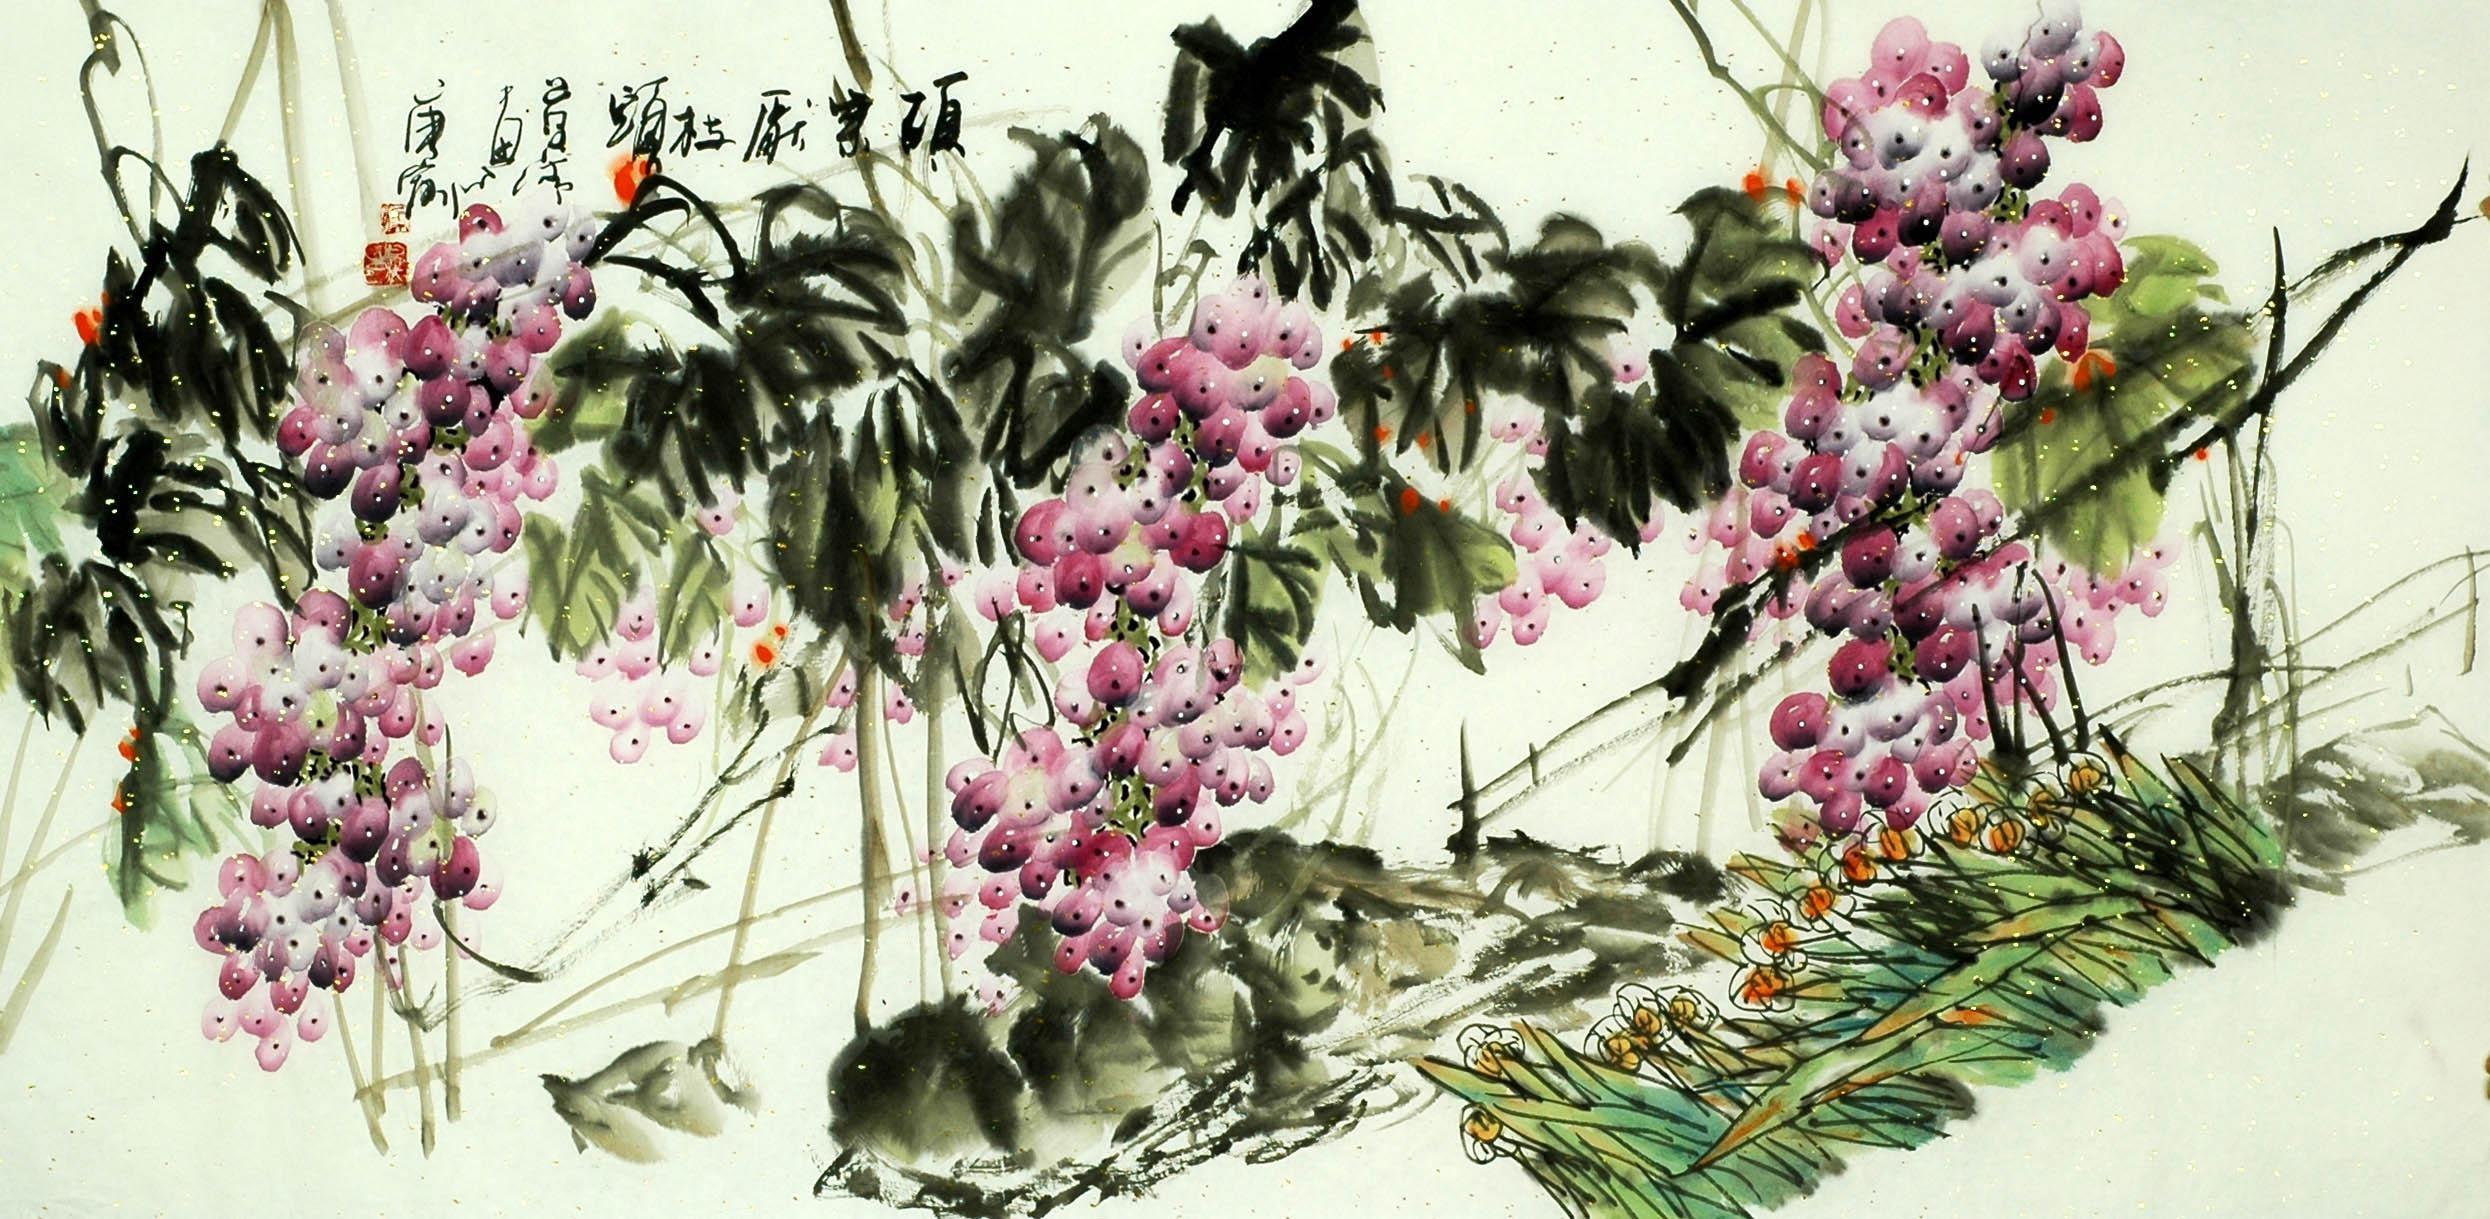 Chinese Grapes Painting - CNAG008264